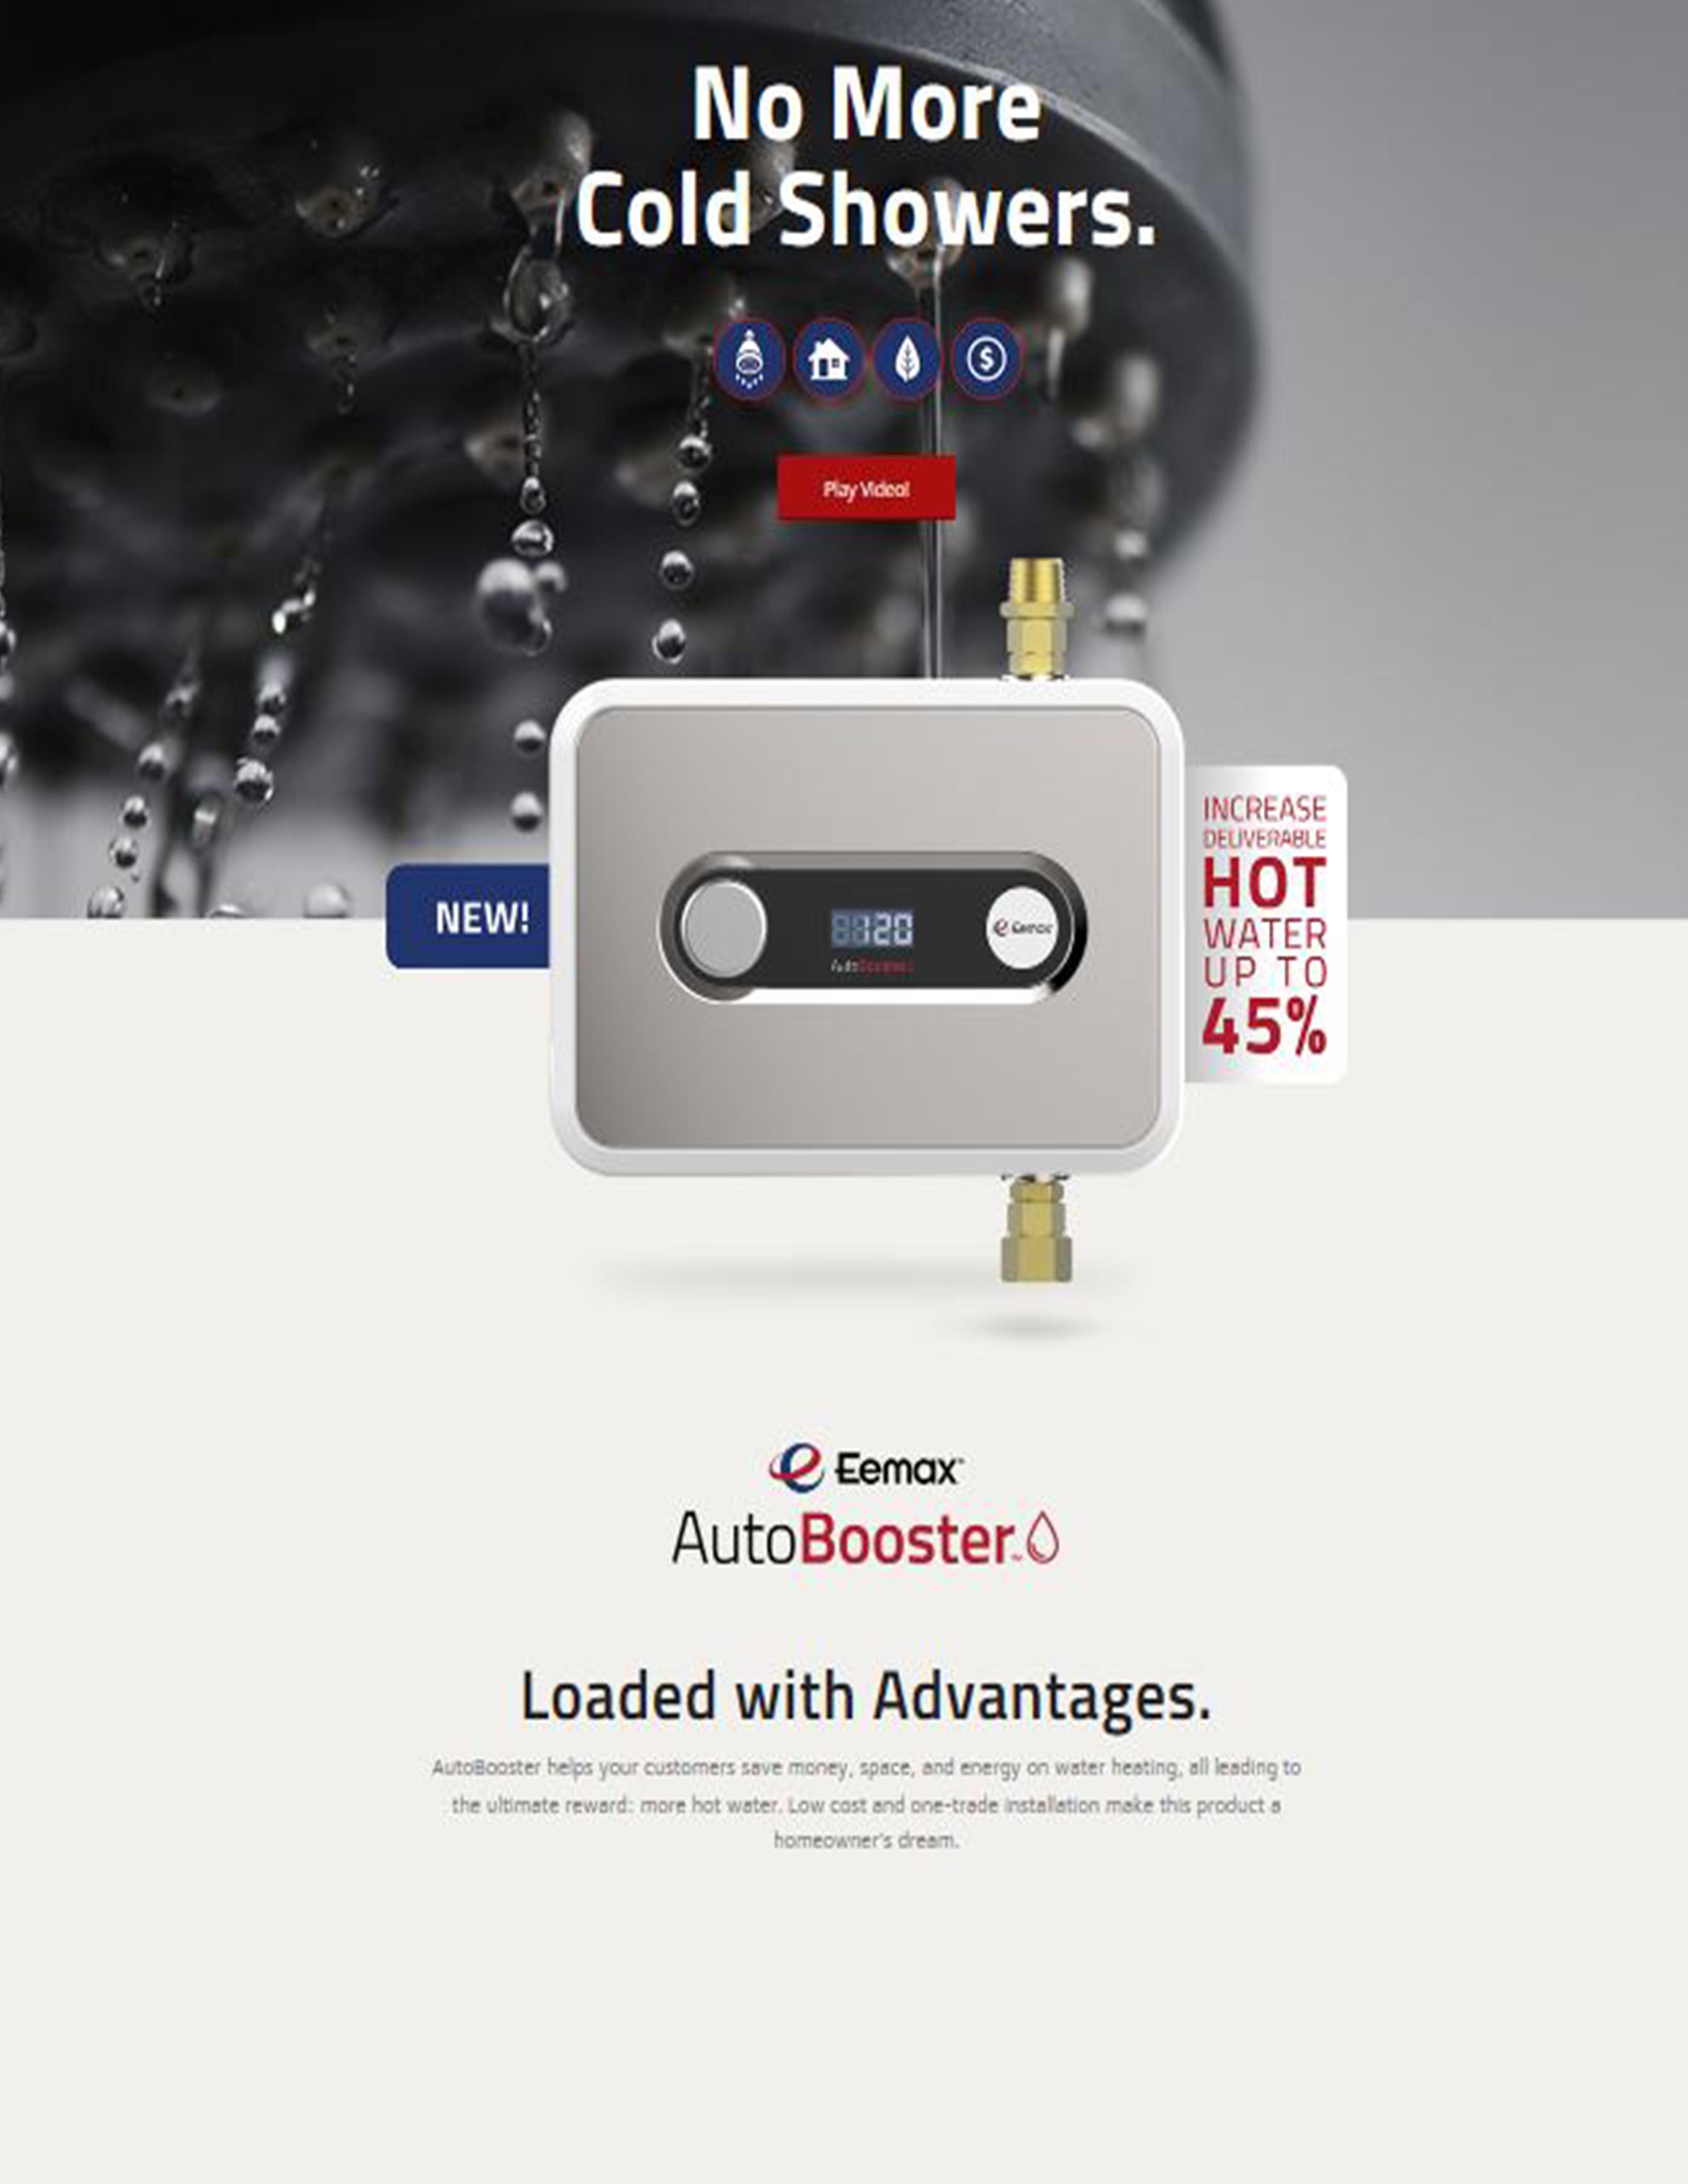 Eemax AutoBooster